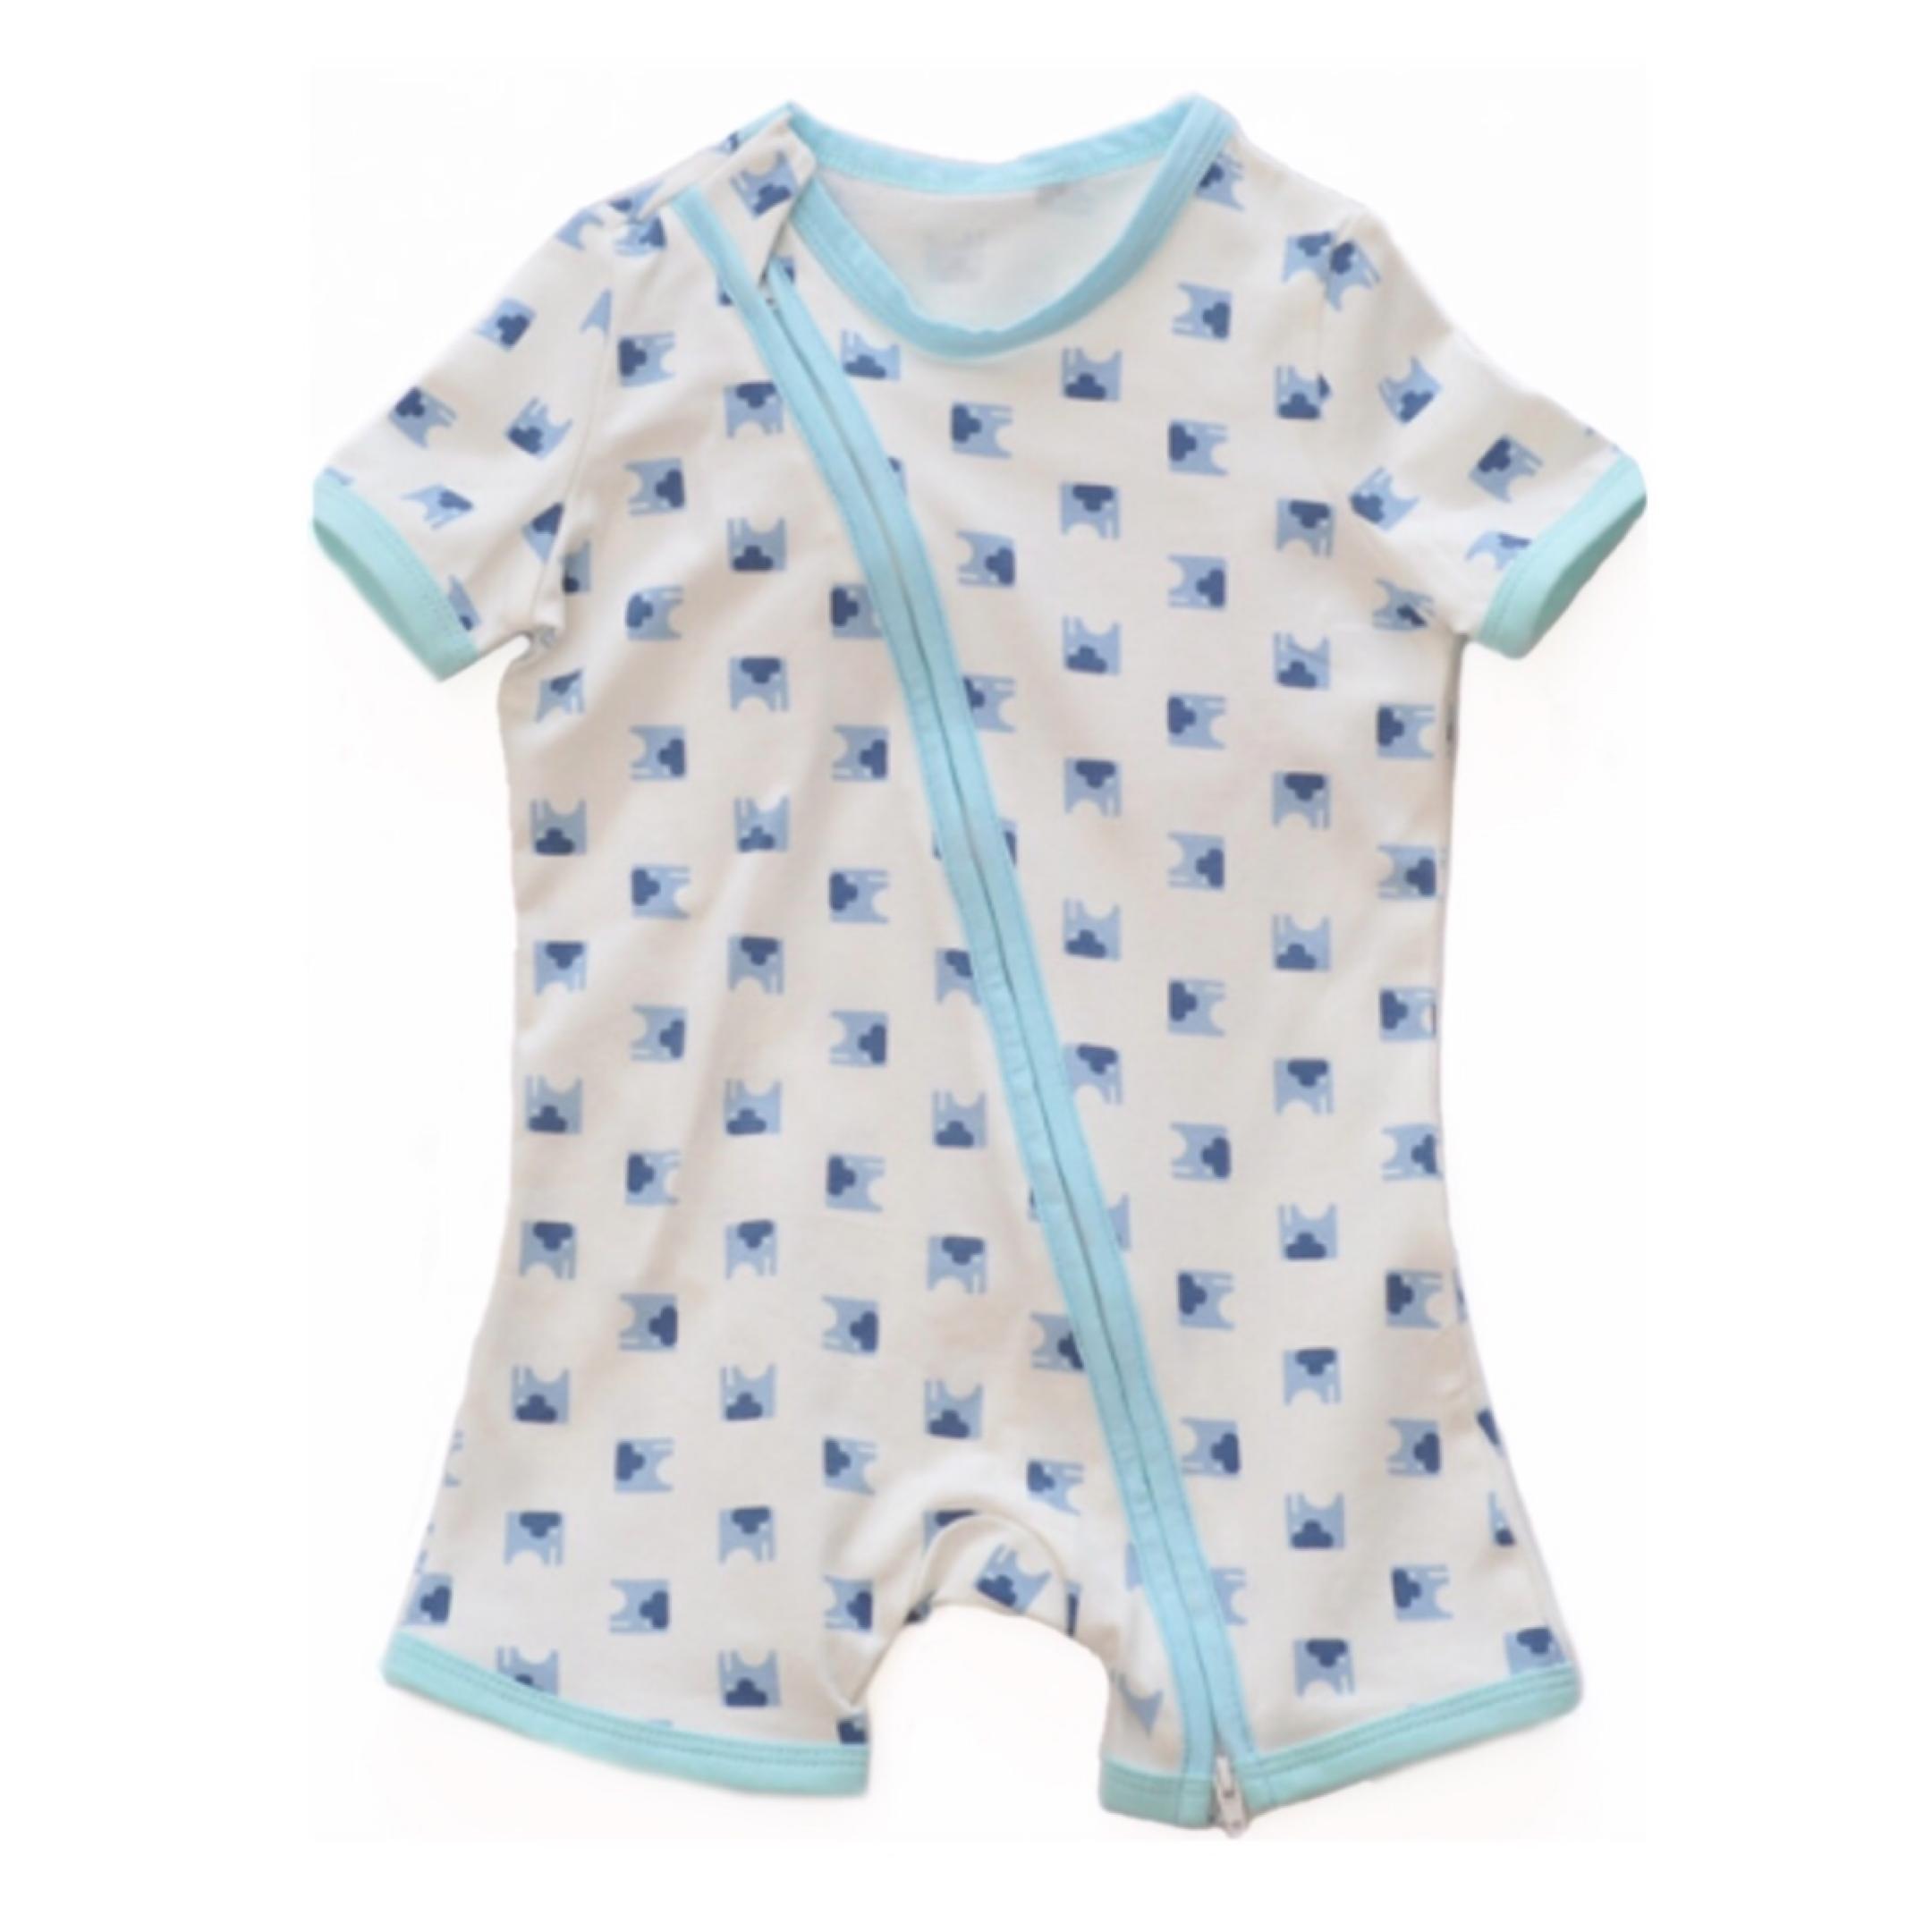 Blue Elephant Short Sleeved Zip Up Babygrow - 6-9M